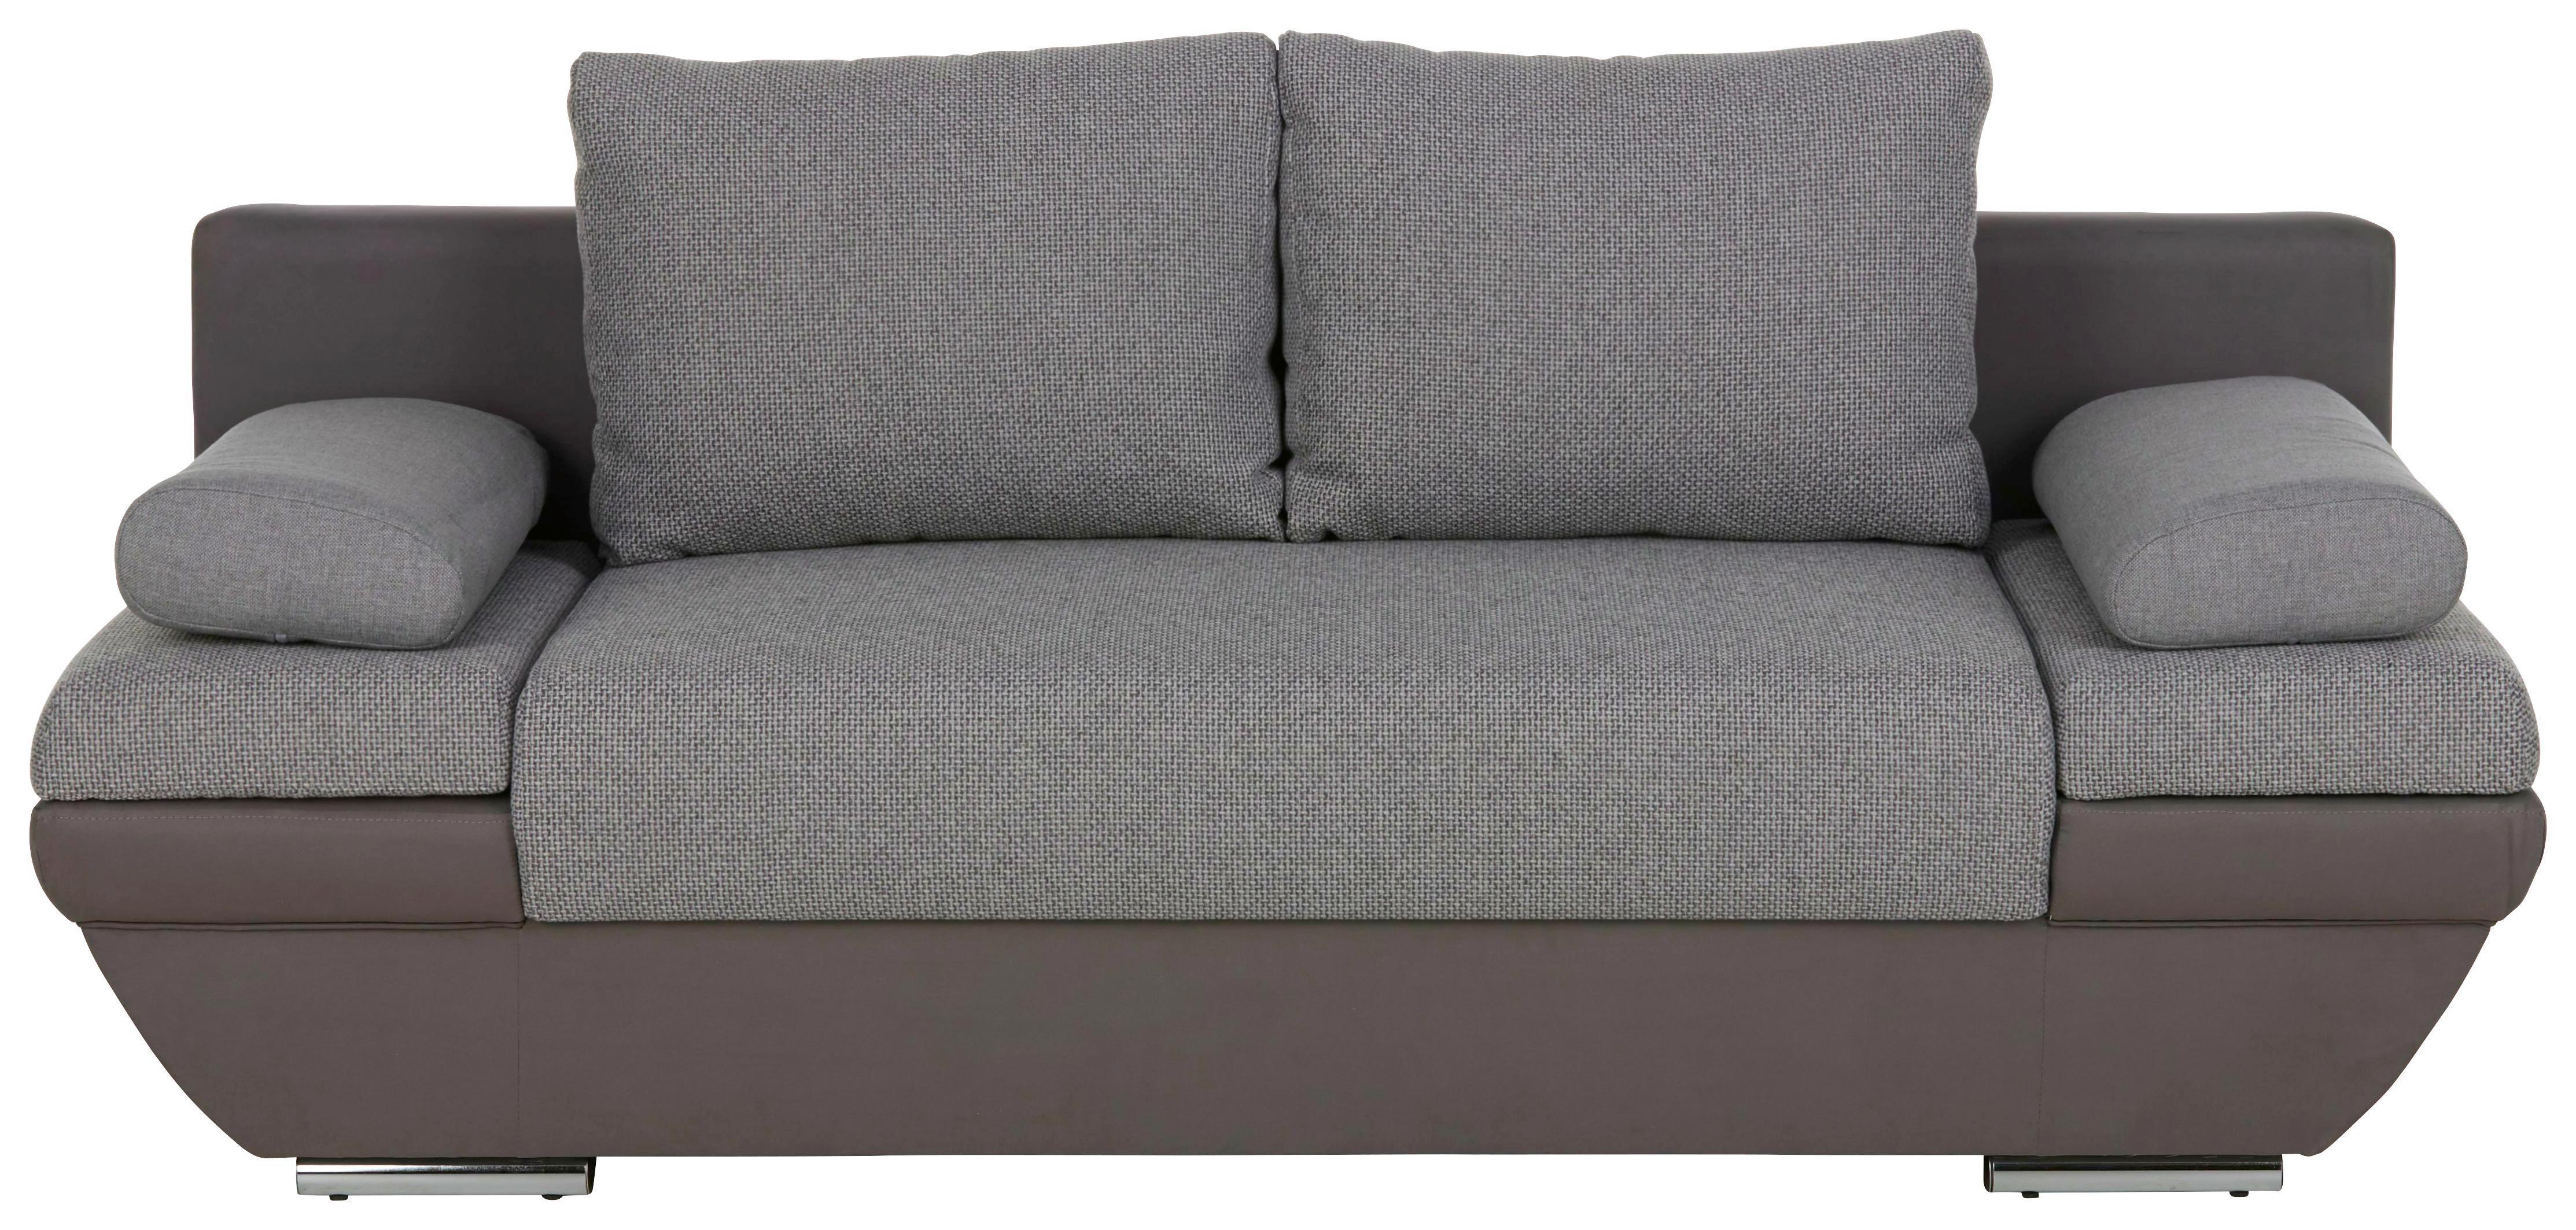 schlafsofa grau mit bettkasten eckcouch mit und bettkasten federkern ecksofa sofa in big heimat. Black Bedroom Furniture Sets. Home Design Ideas